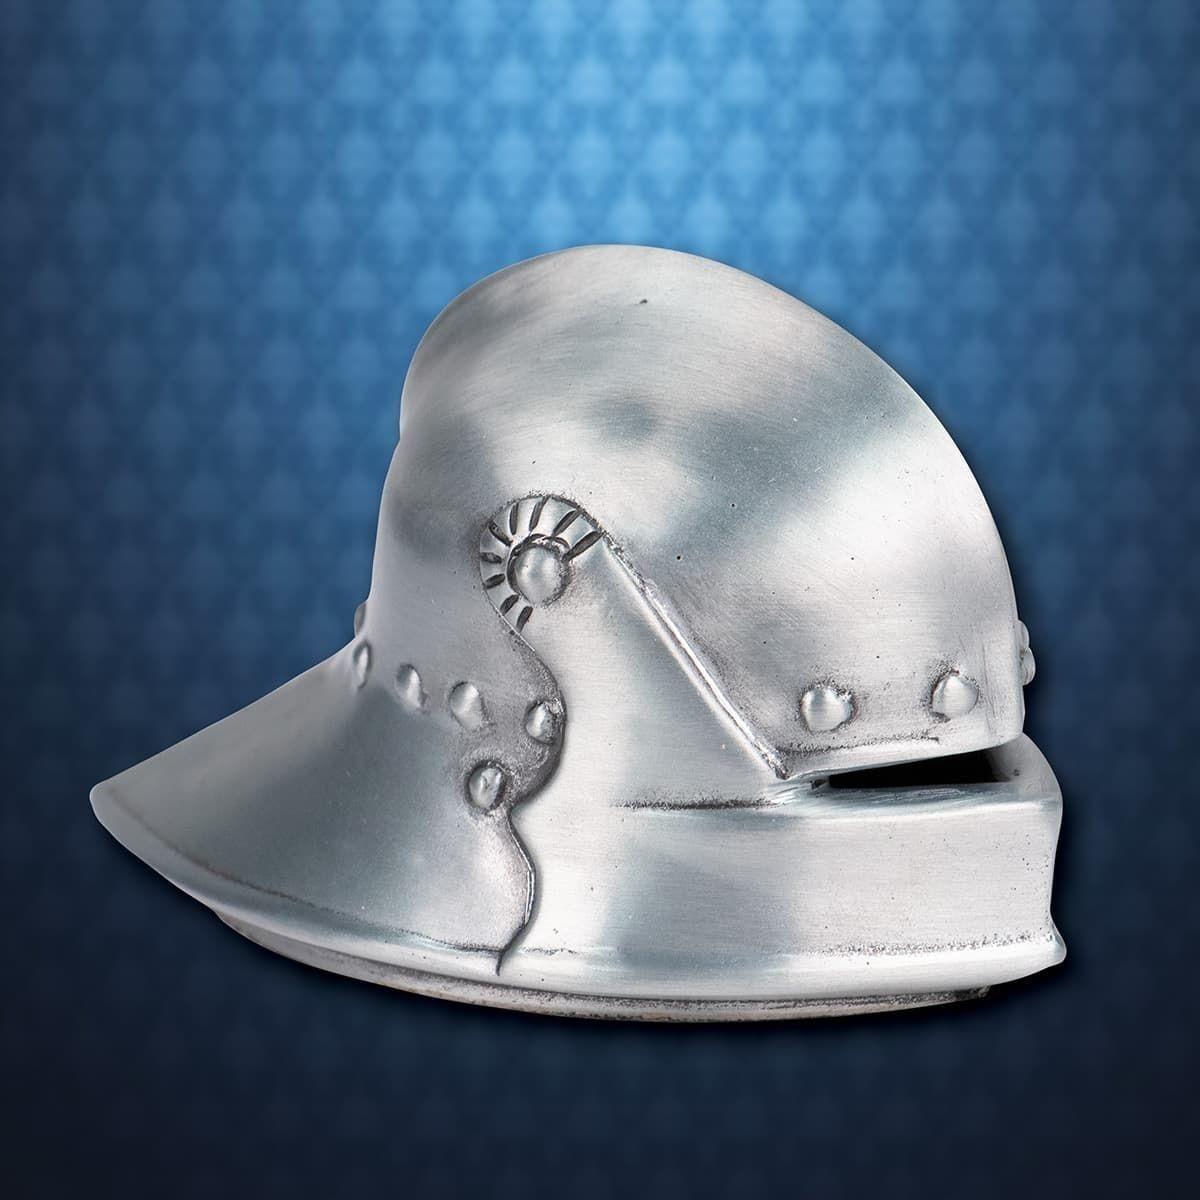 Mini Metal Knightly Sallet Helmet Paperweight